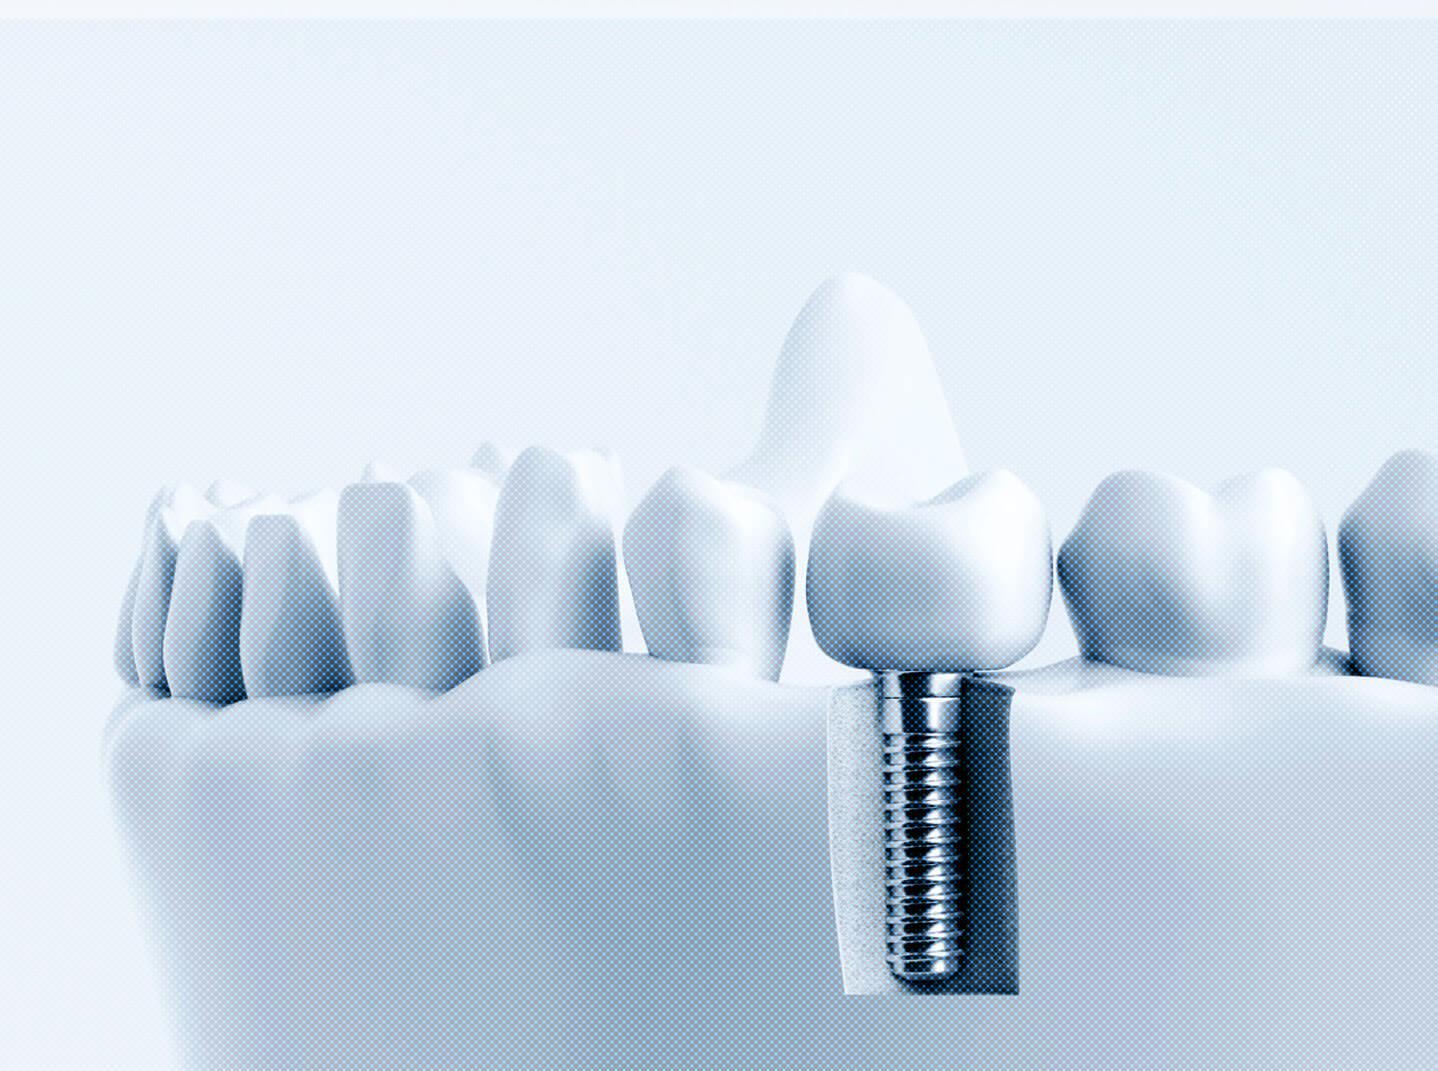 http://atsuta-dentalclinic.com/images/index_08.jpg